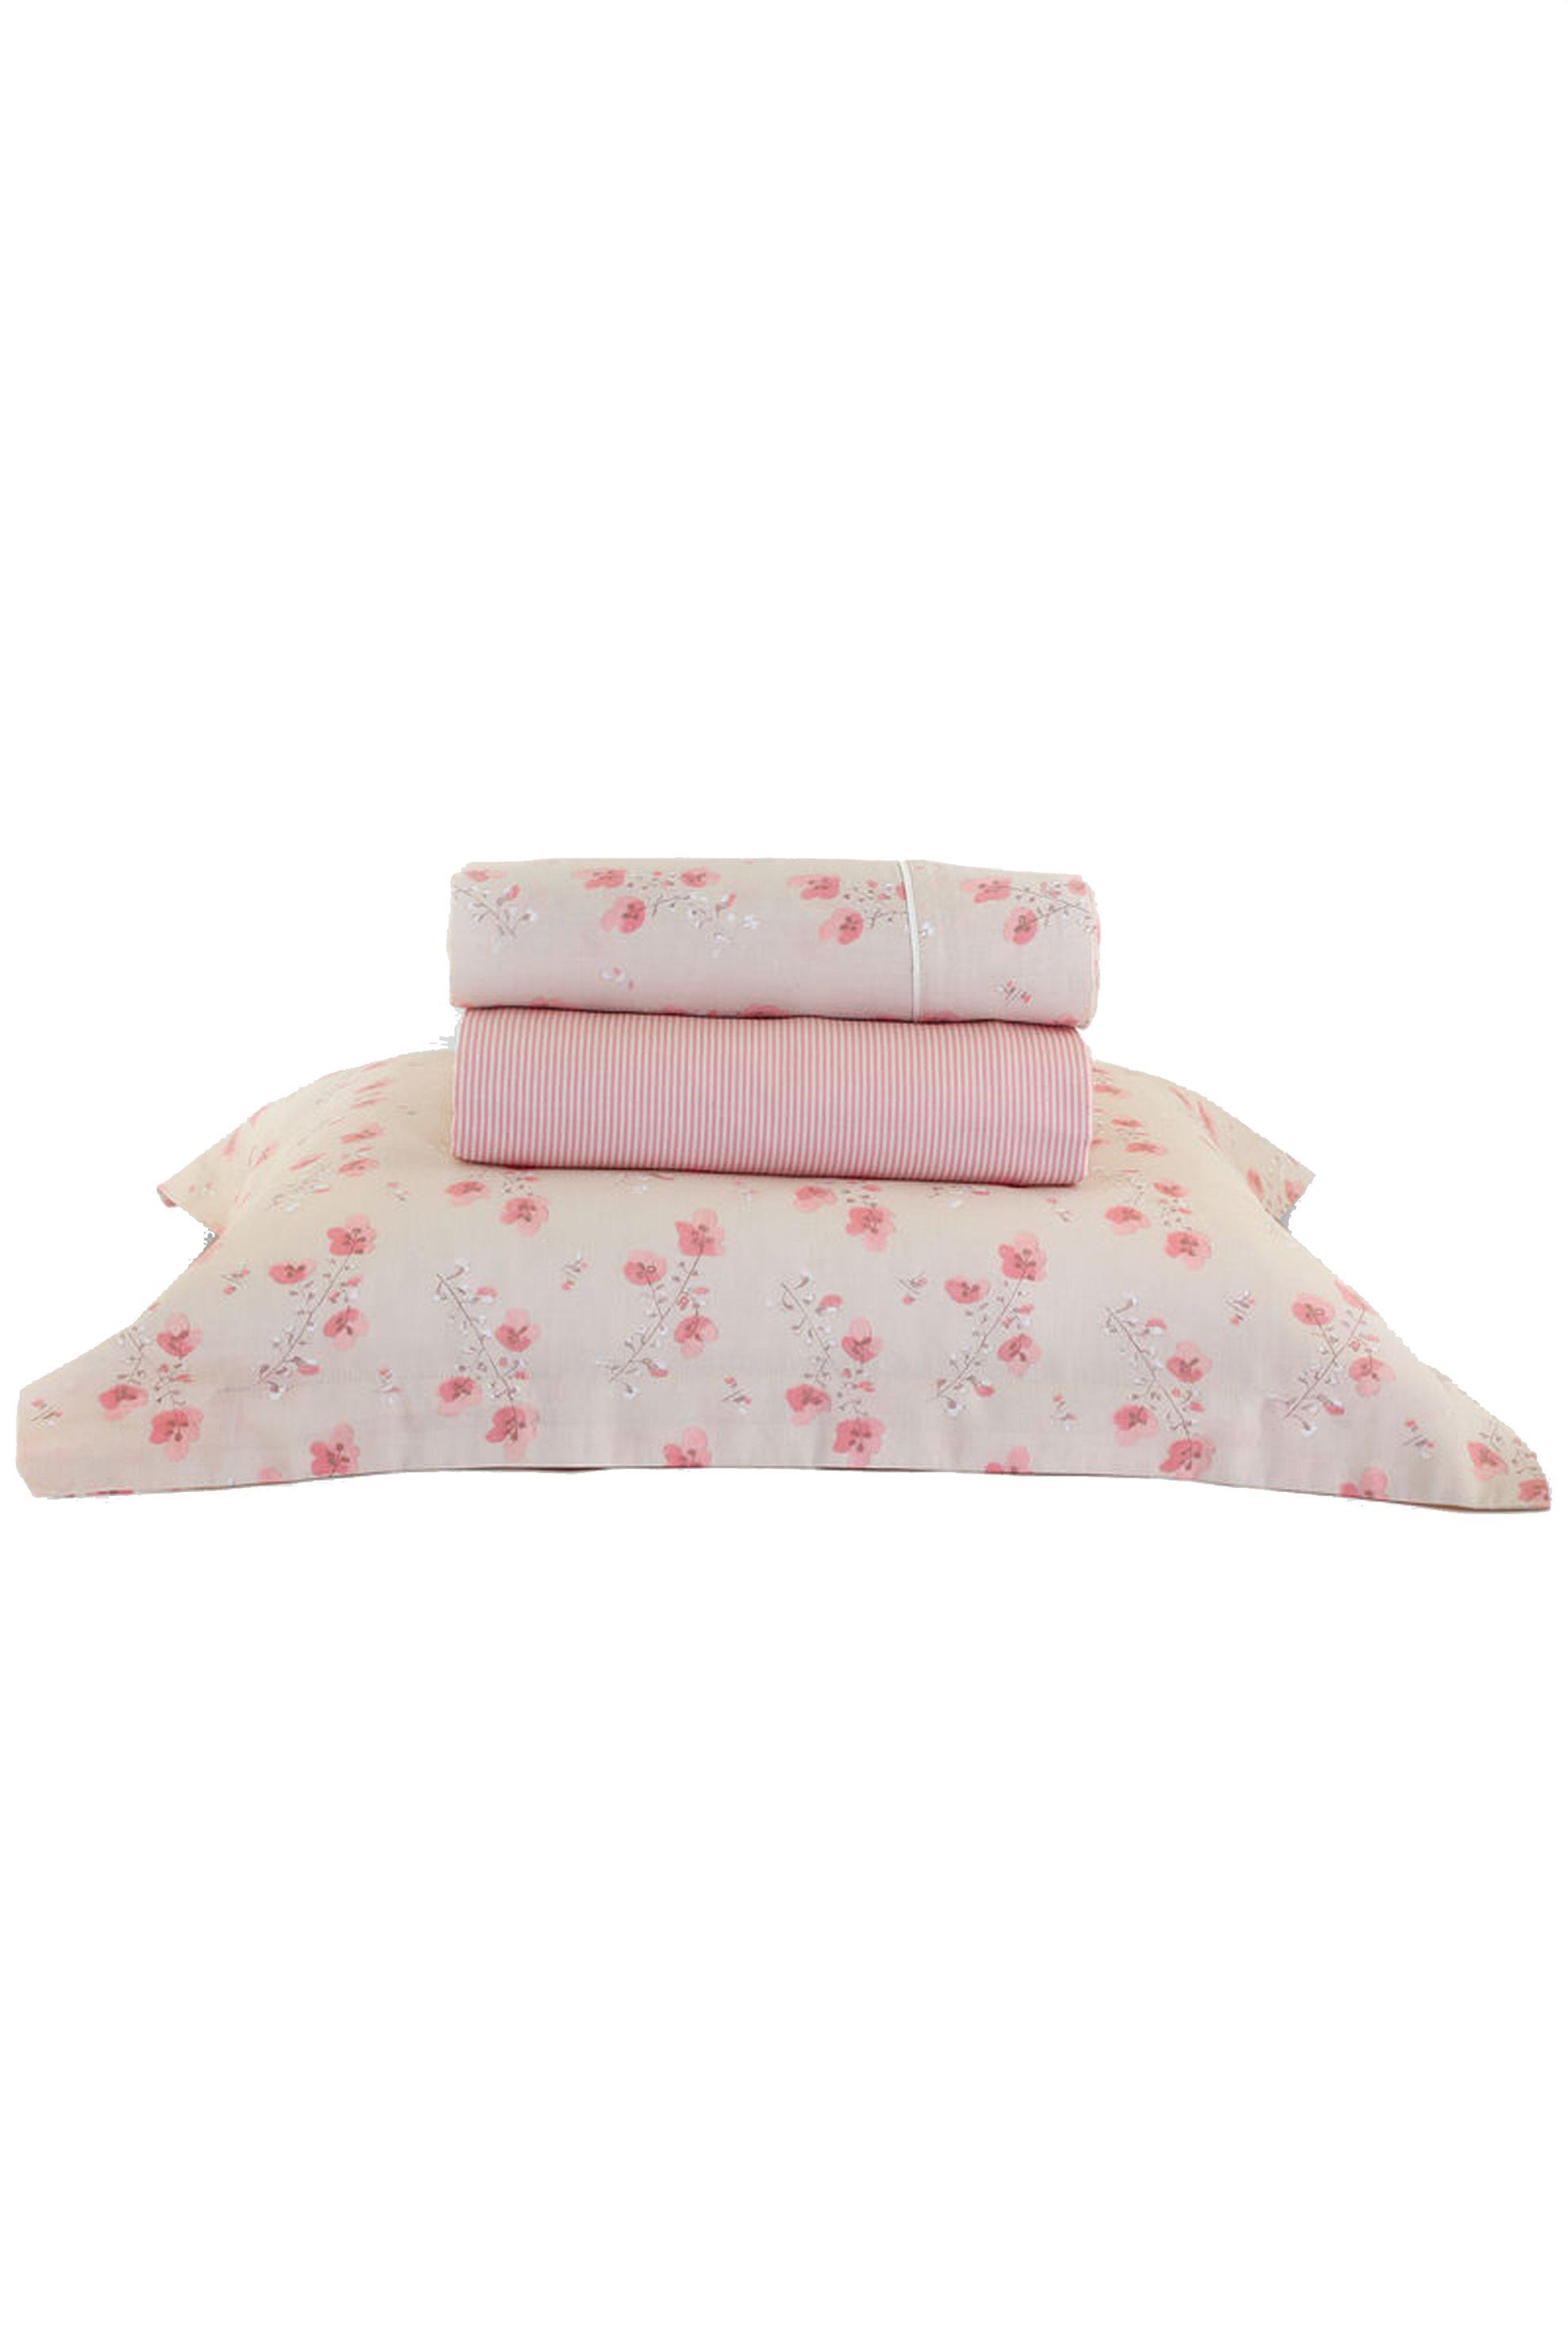 Σετ παπλωματοθήκη υπέρδιπλη Petunia NEF-NEF - 021055 - Ροζ home   υπνοδωματιο   παπλωματοθήκες   σετ παπλωματοθήκης